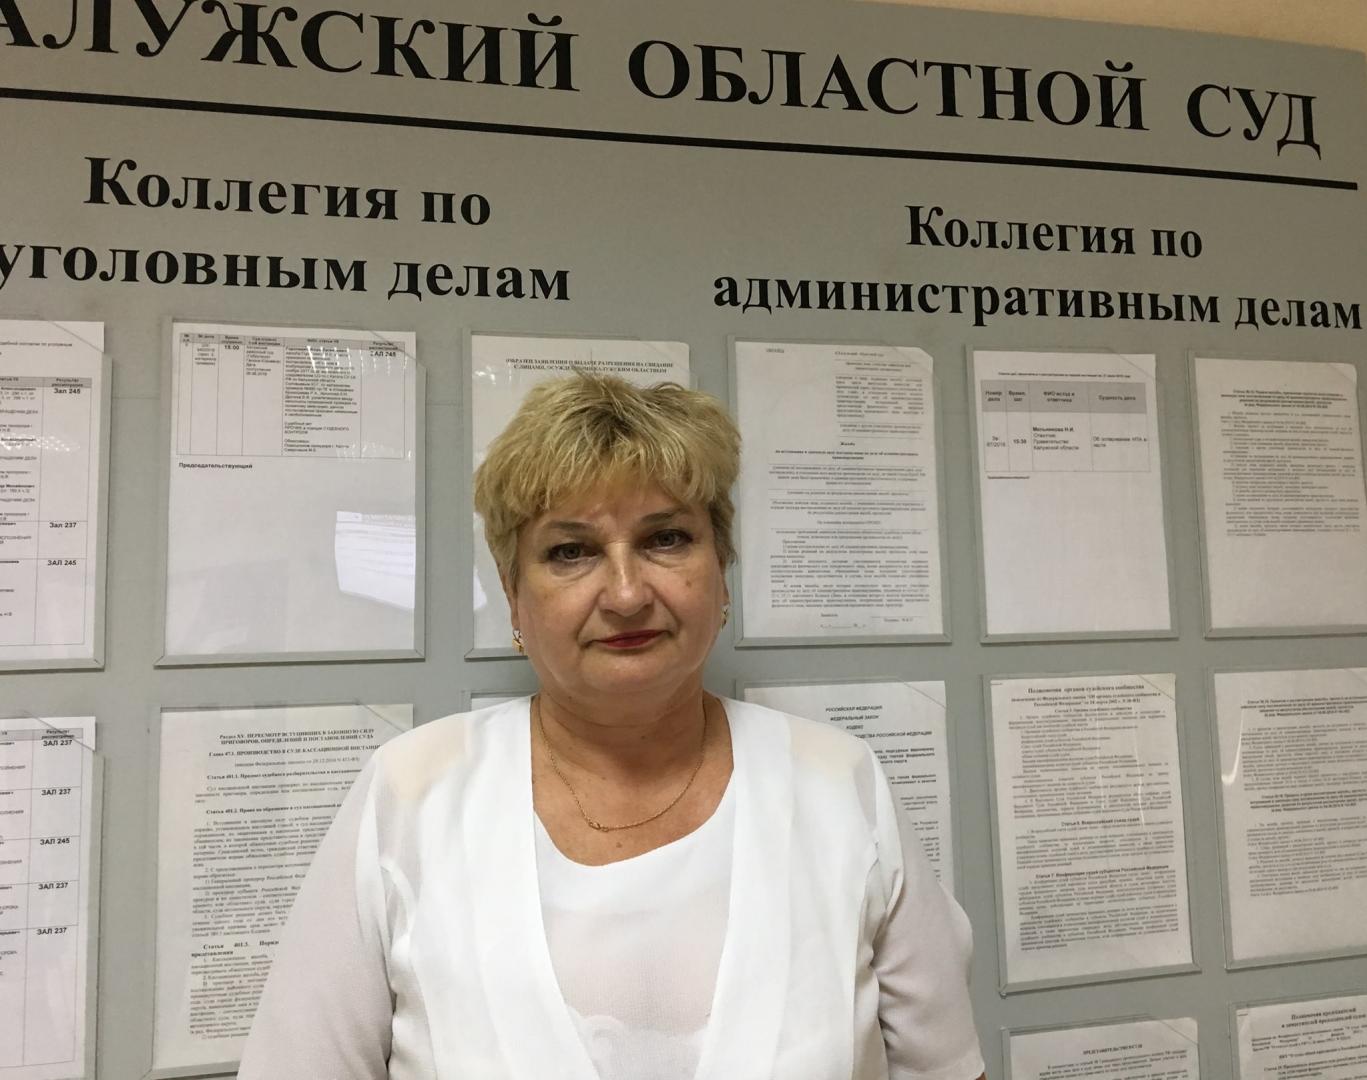 Программа переселение соотечественников в россию